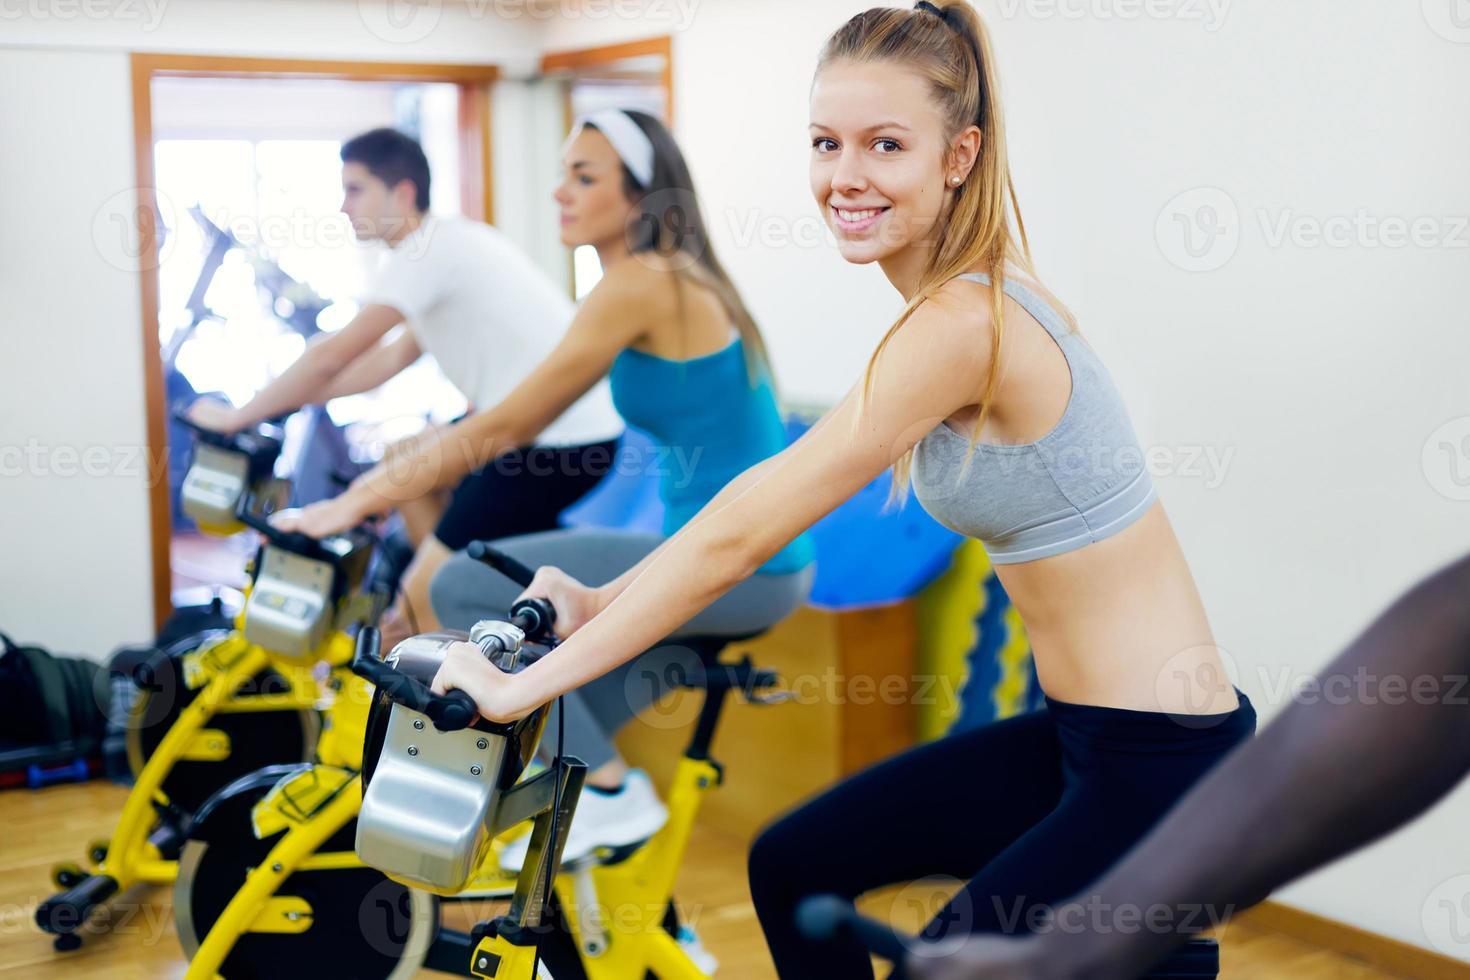 jongeren met fitness fiets in de sportschool. foto